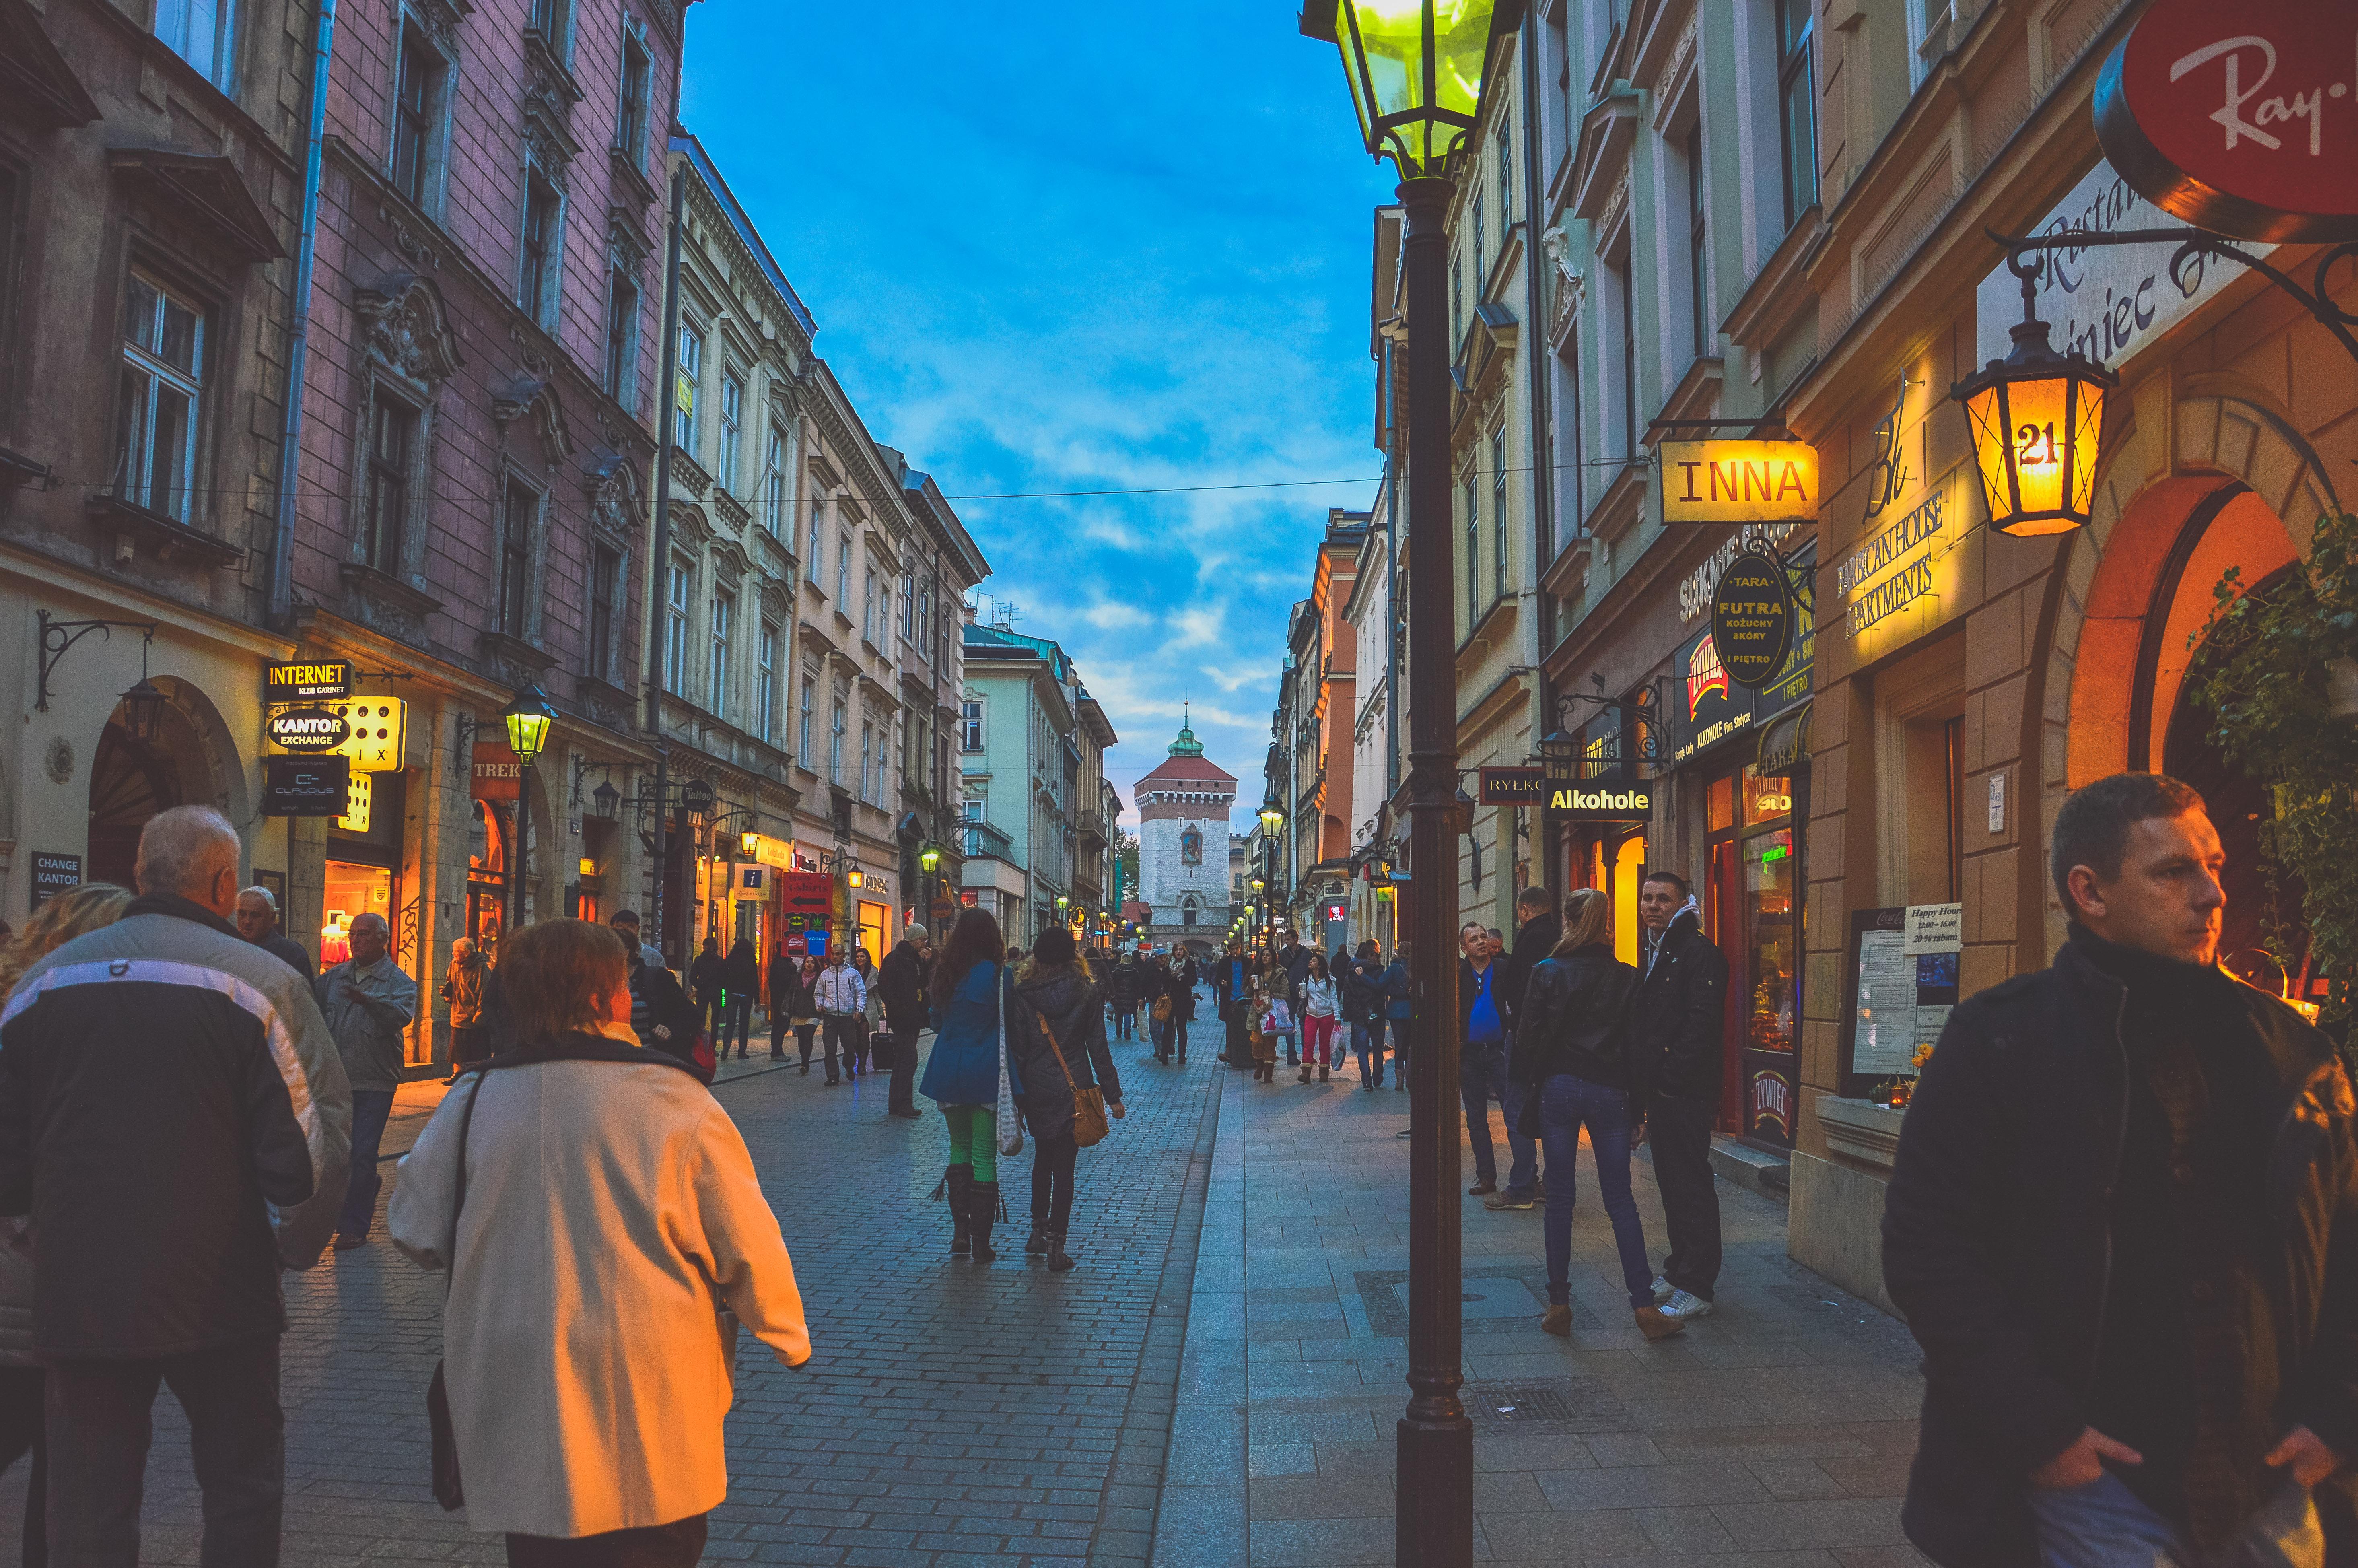 многолюдные улицы картинки разбили